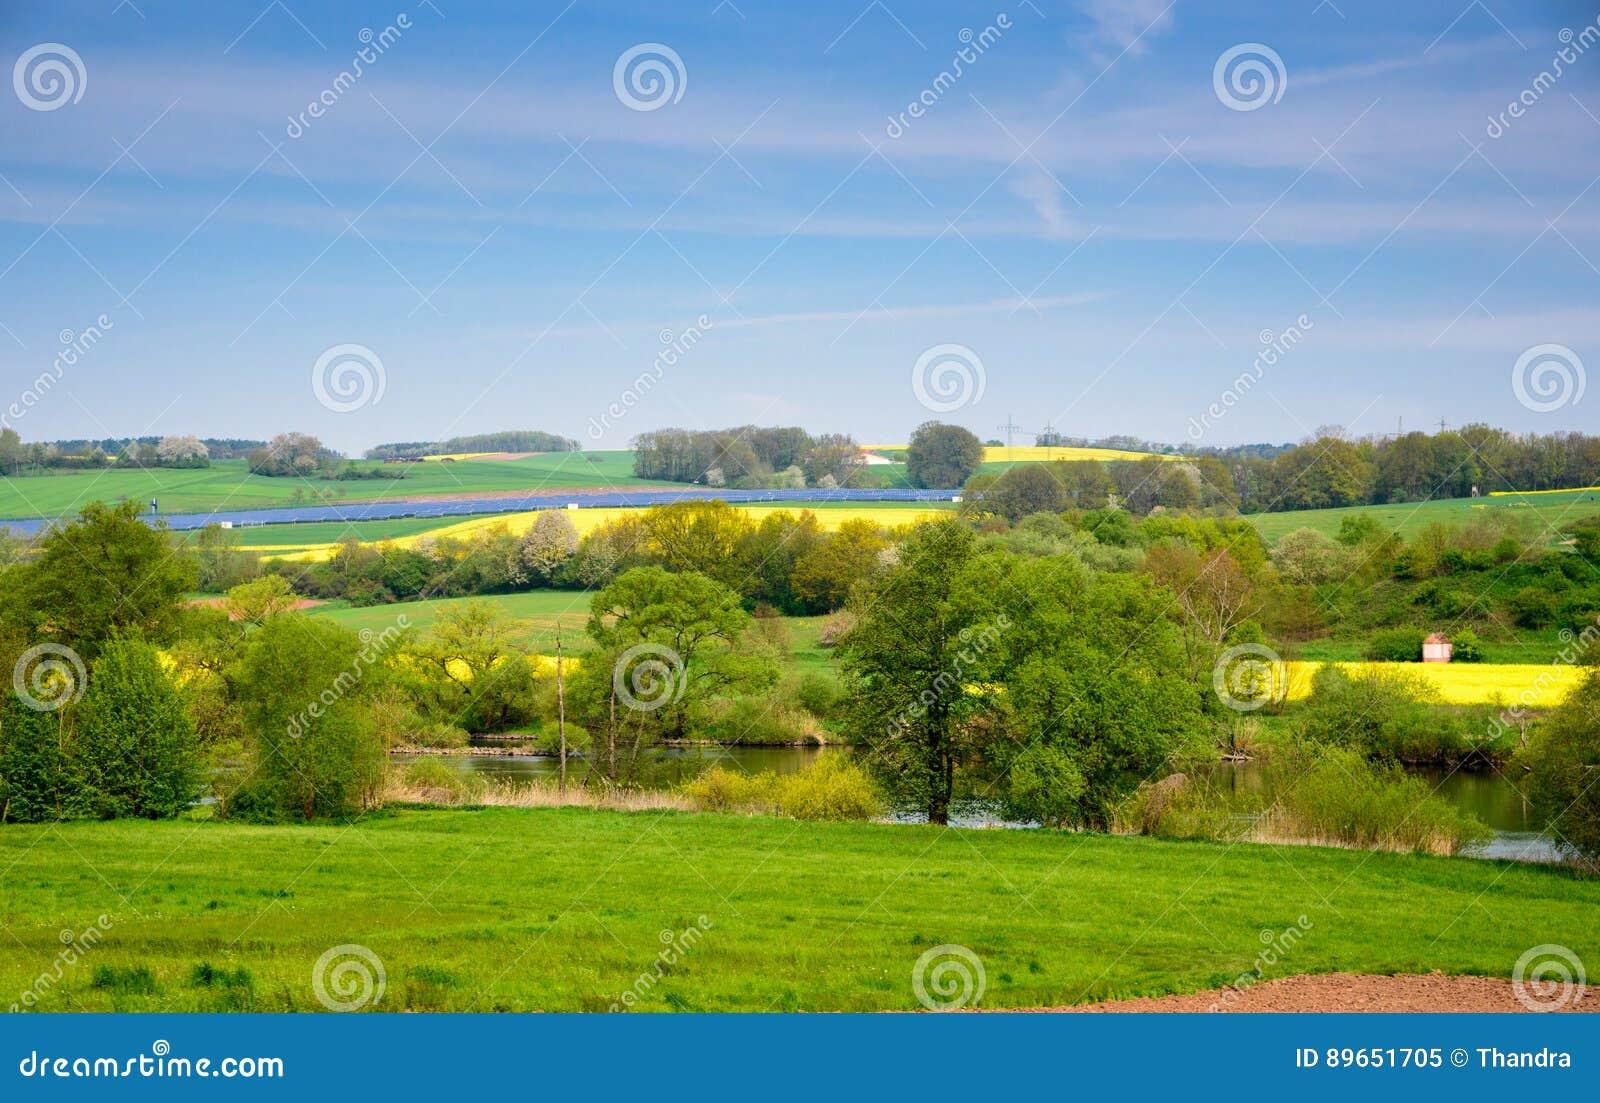 Rapssamengelbgrünfeld im Frühjahr, abstraktes natürliches eco Saisonblumenhintergrund